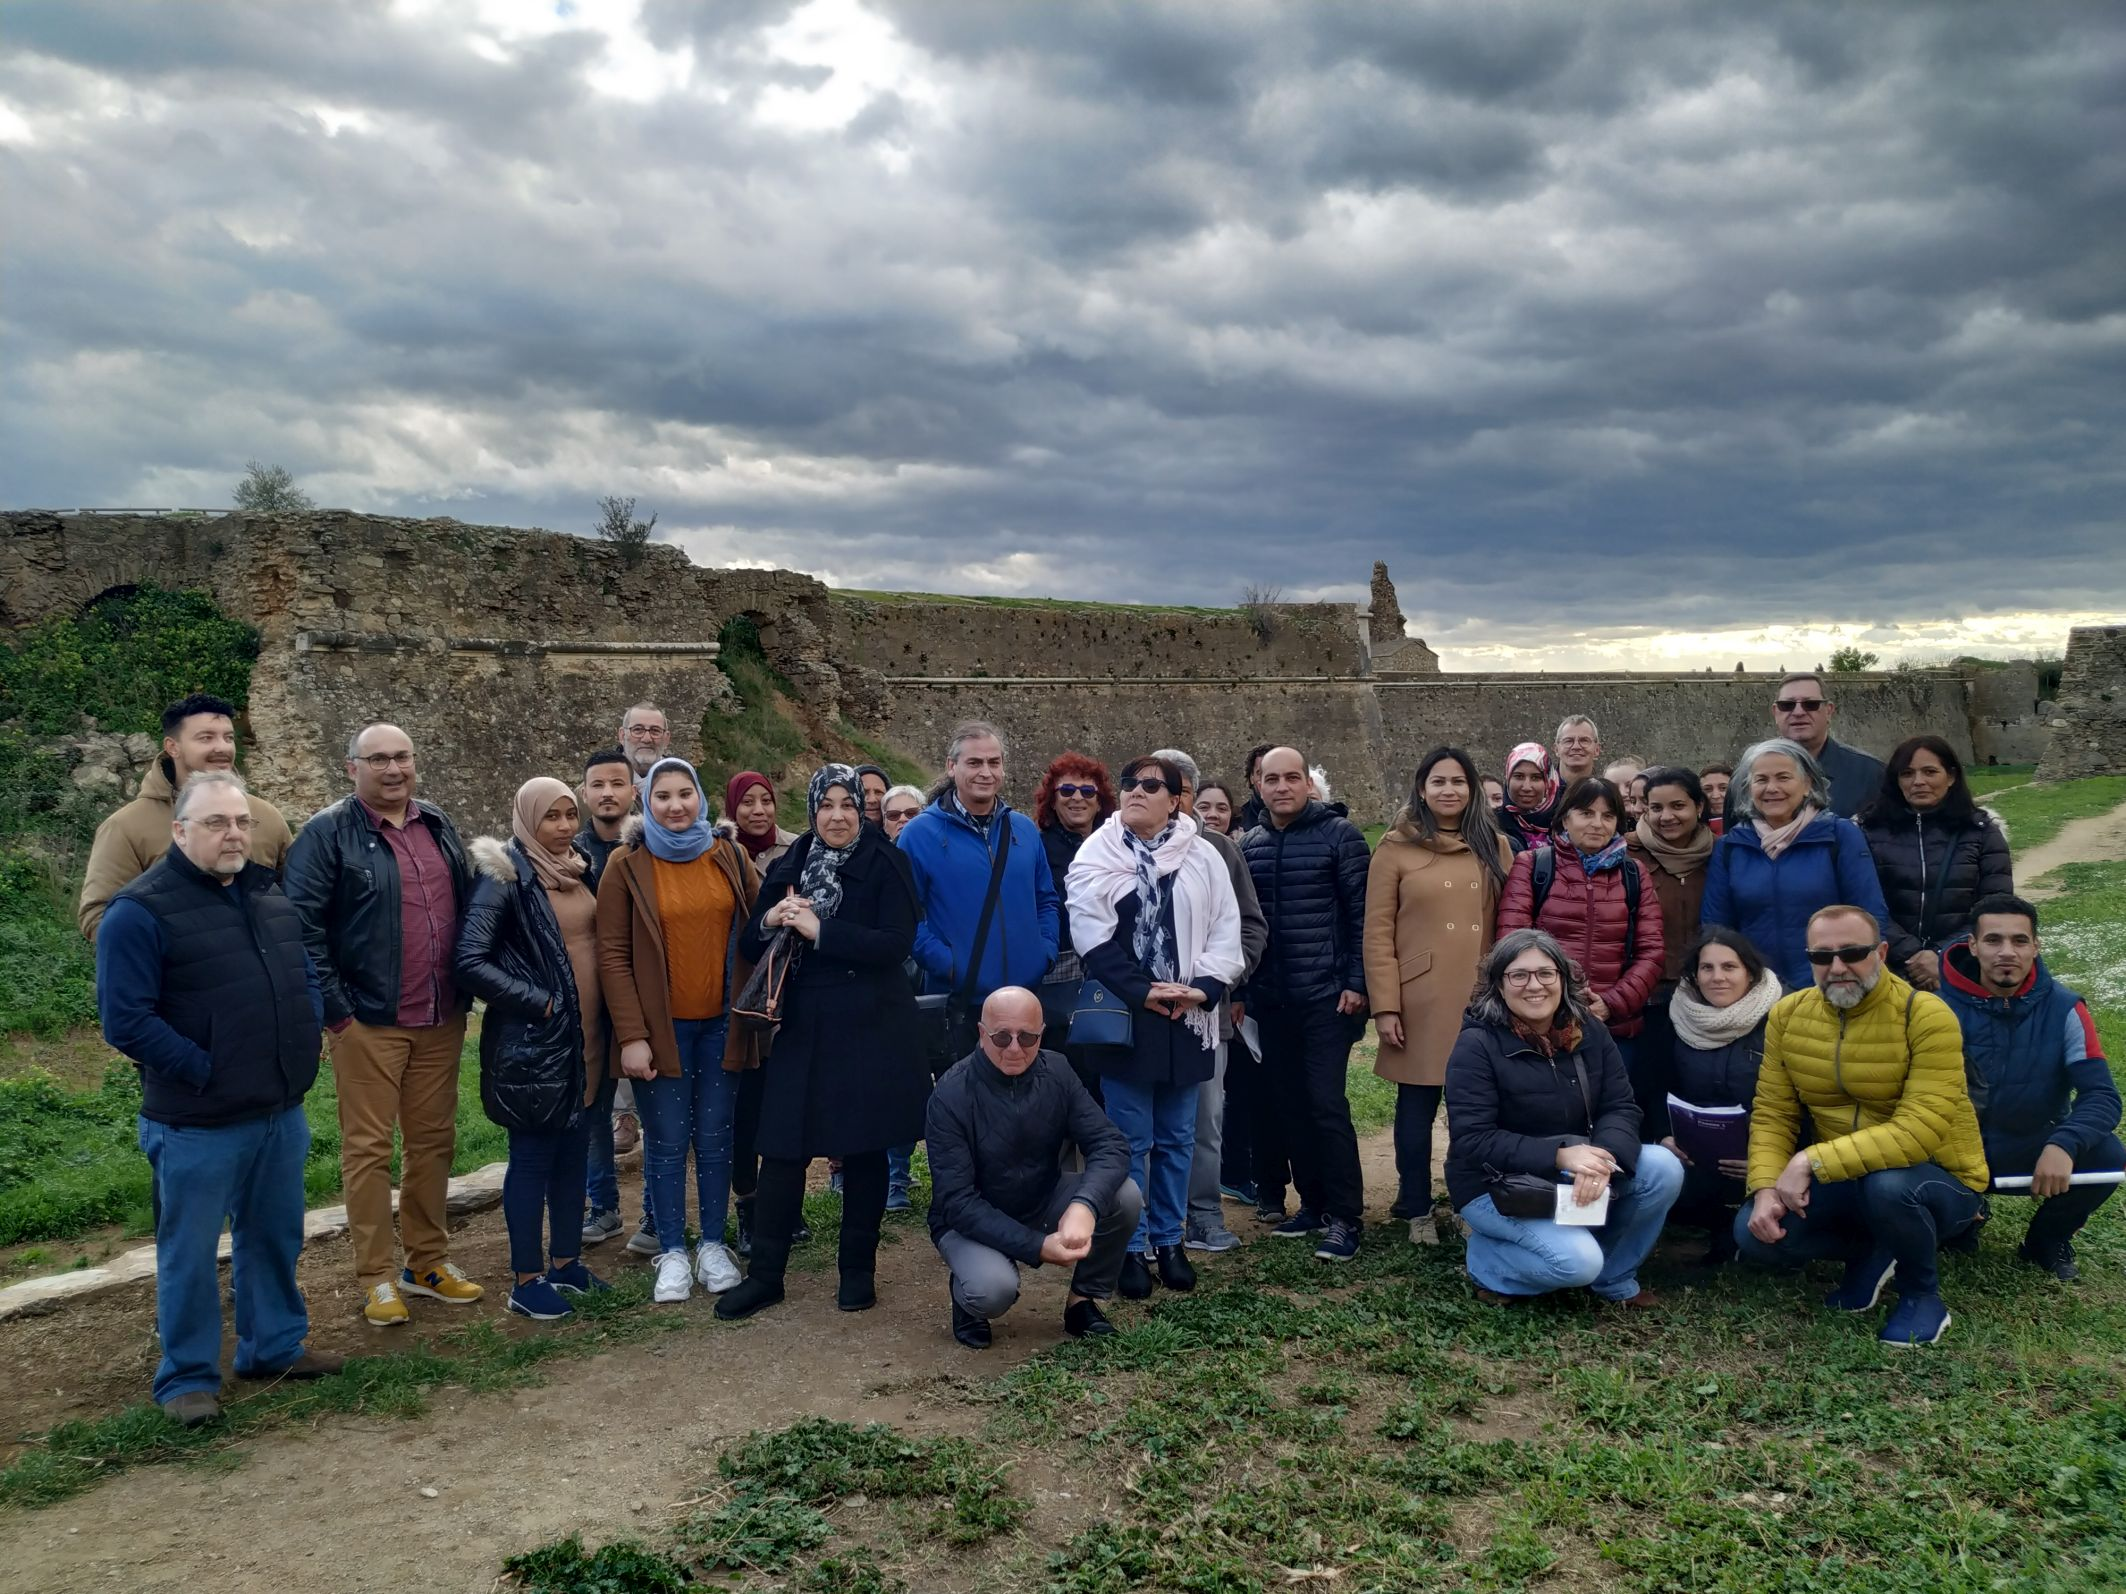 La Ciutadella des de fora, amb l'alumnat i les parelles lingüístiques de l'Oficina de Català de Roses